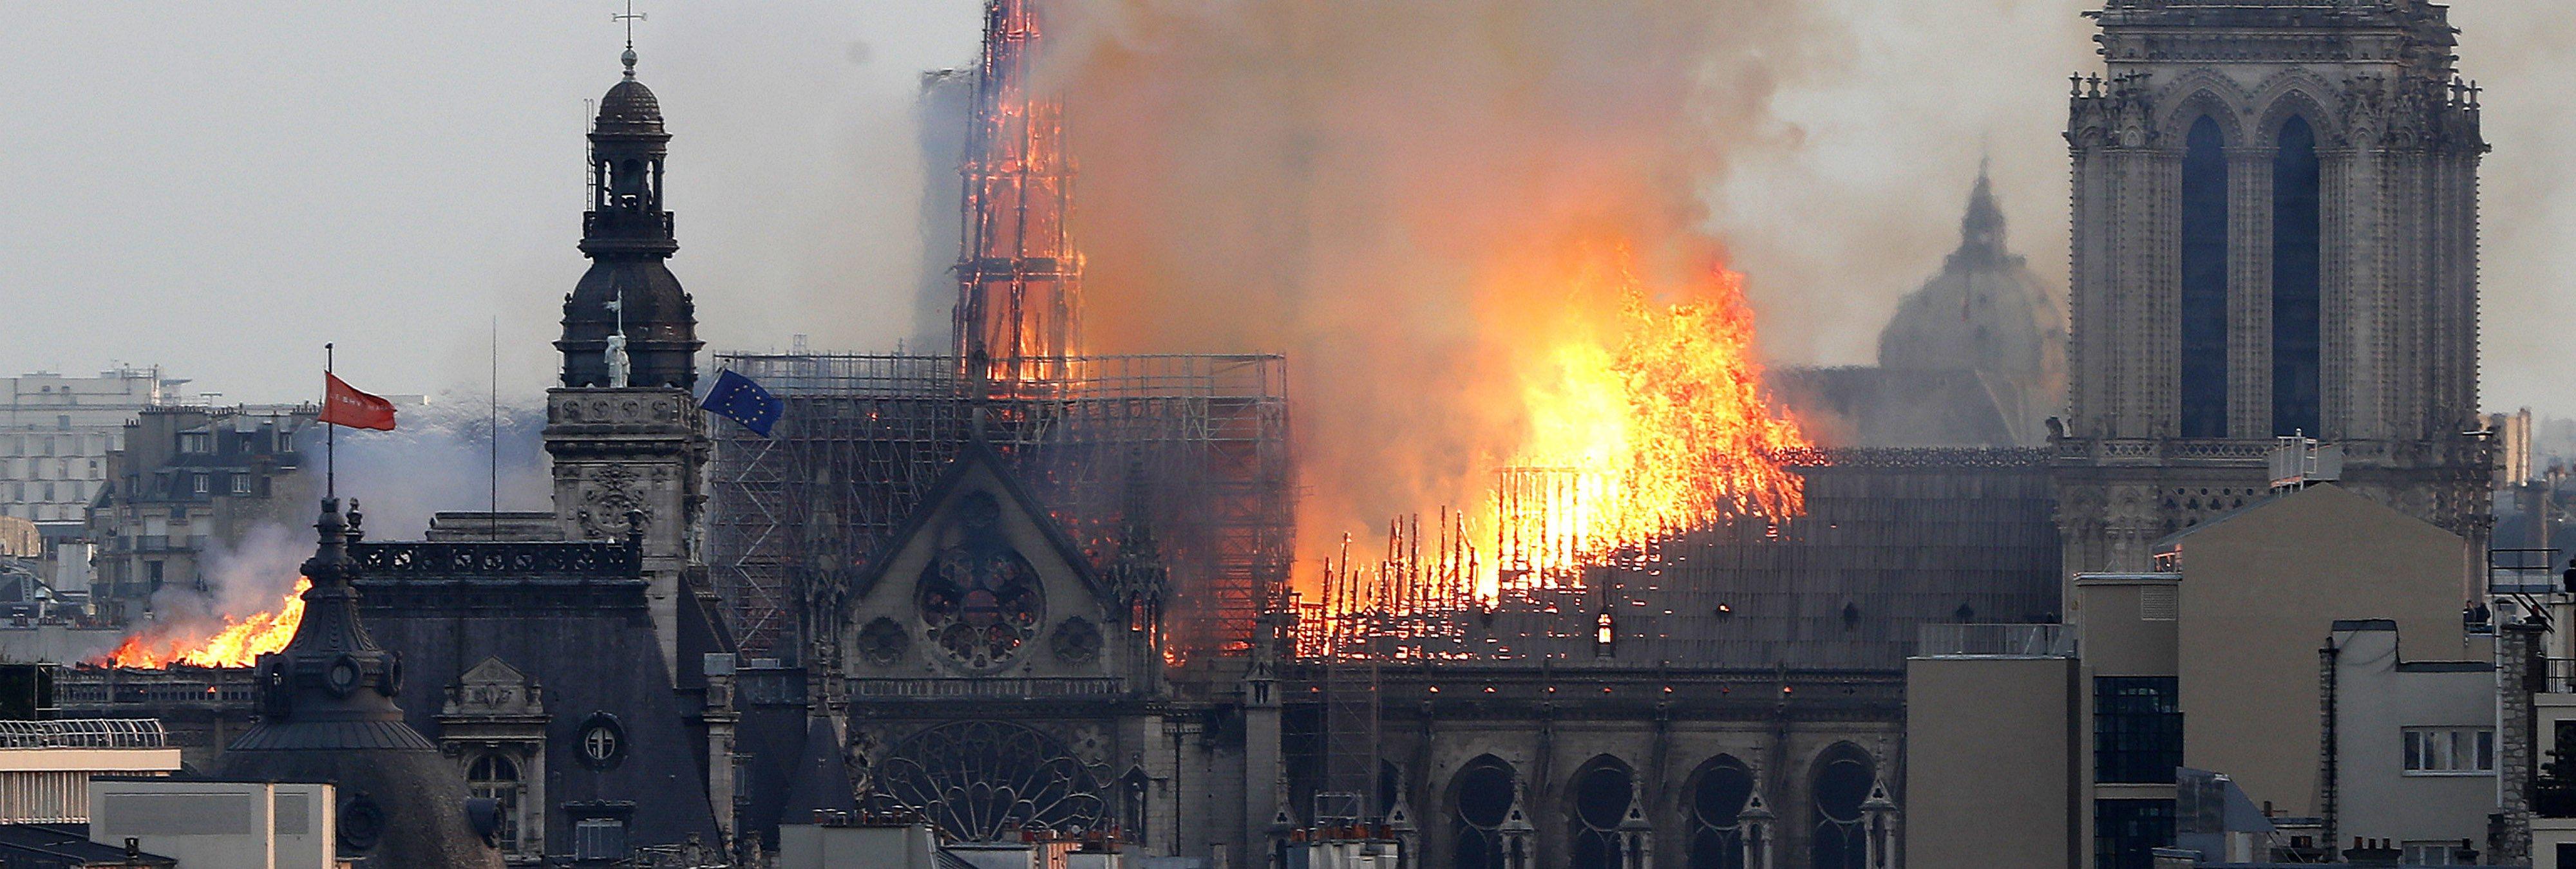 Los bomberos dan por extinguido el fuego en la catedral de Notre Dame de manera definitiva